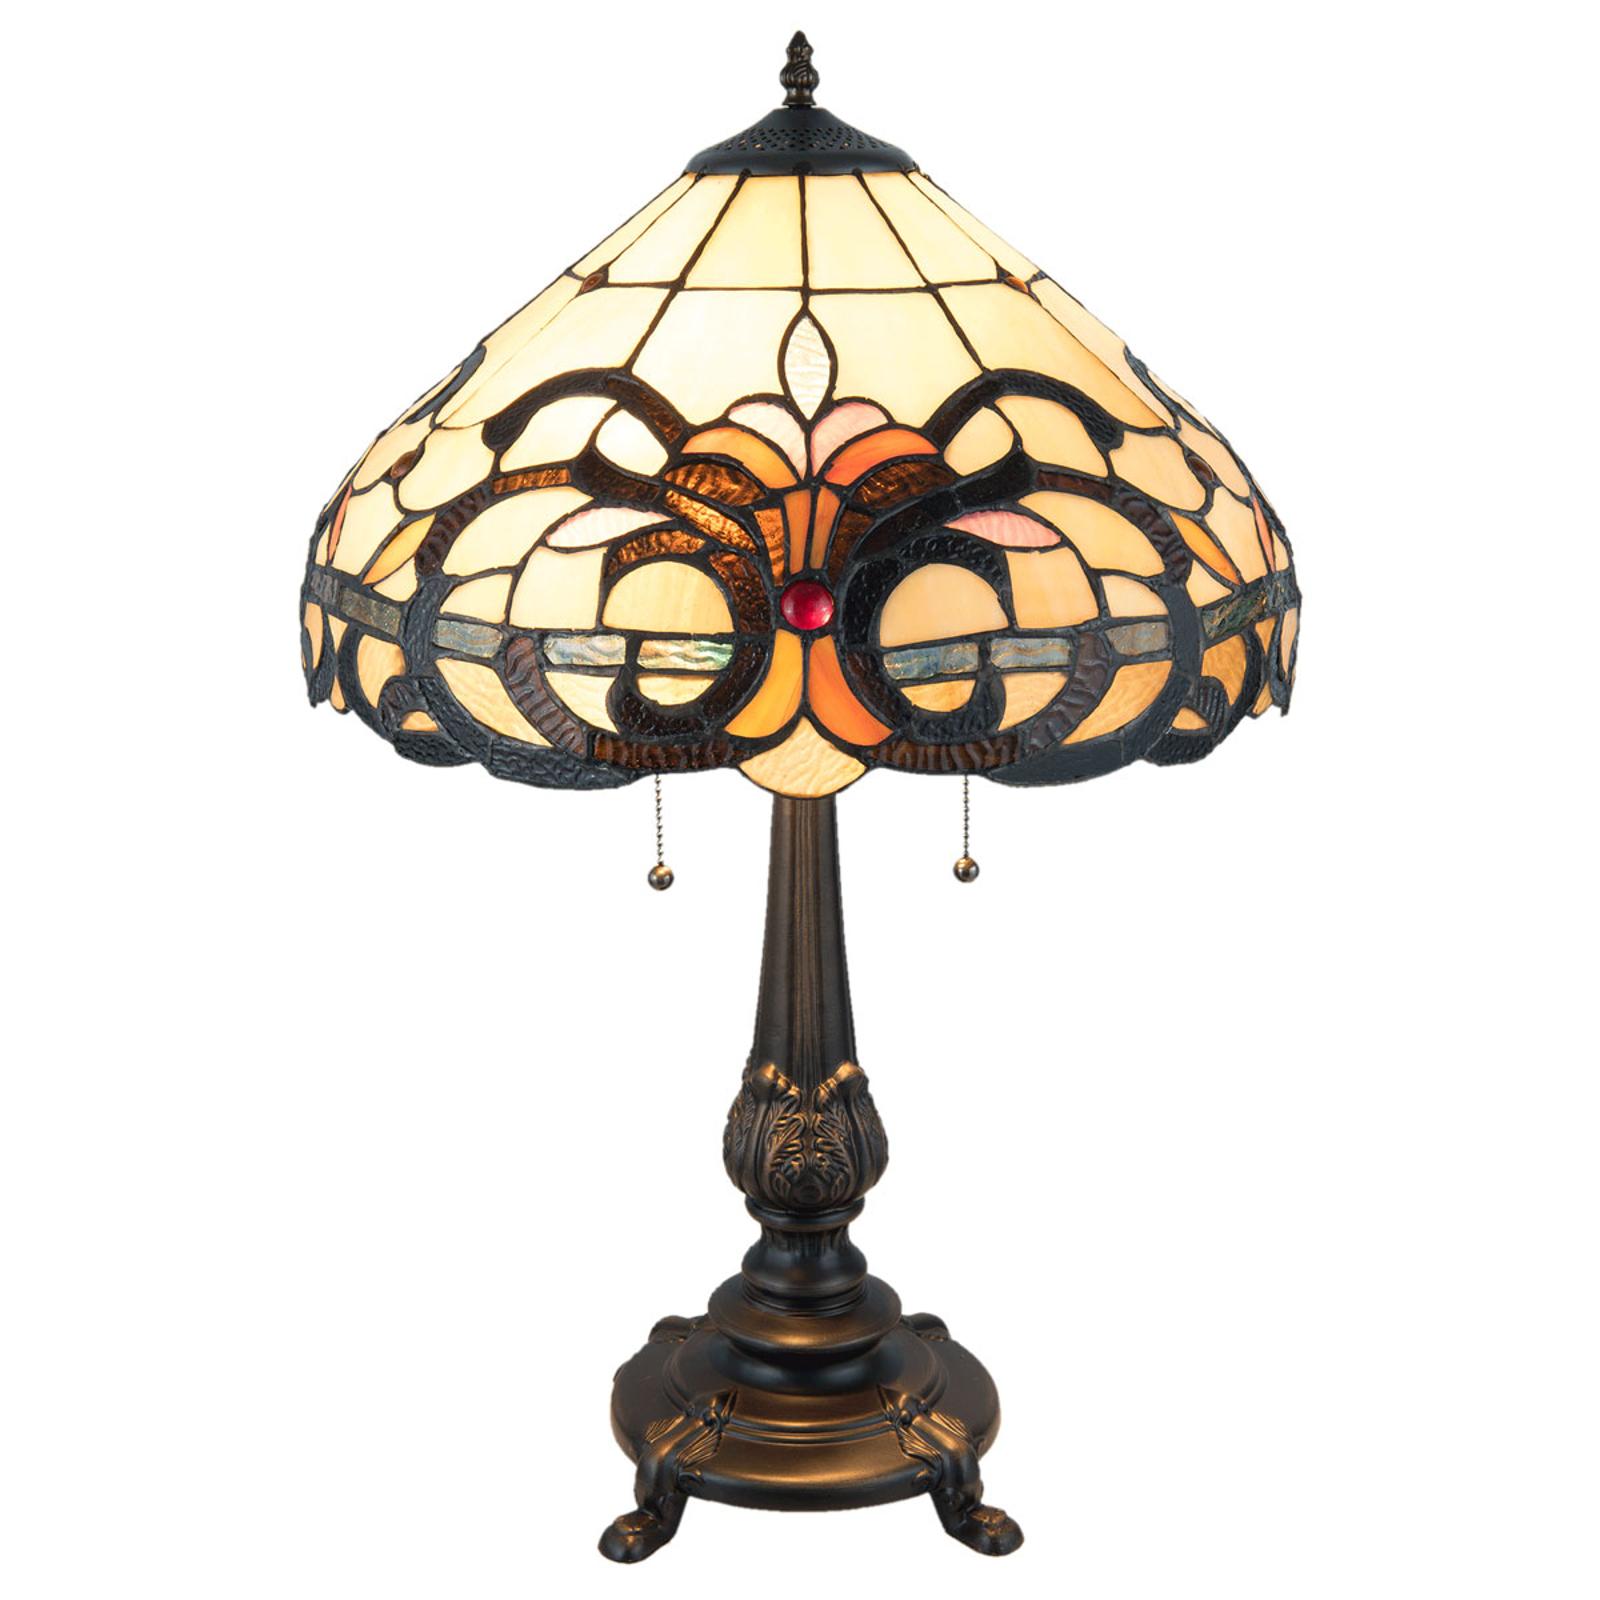 Lampe à poser 5924 abat-jour verre style Tiffany